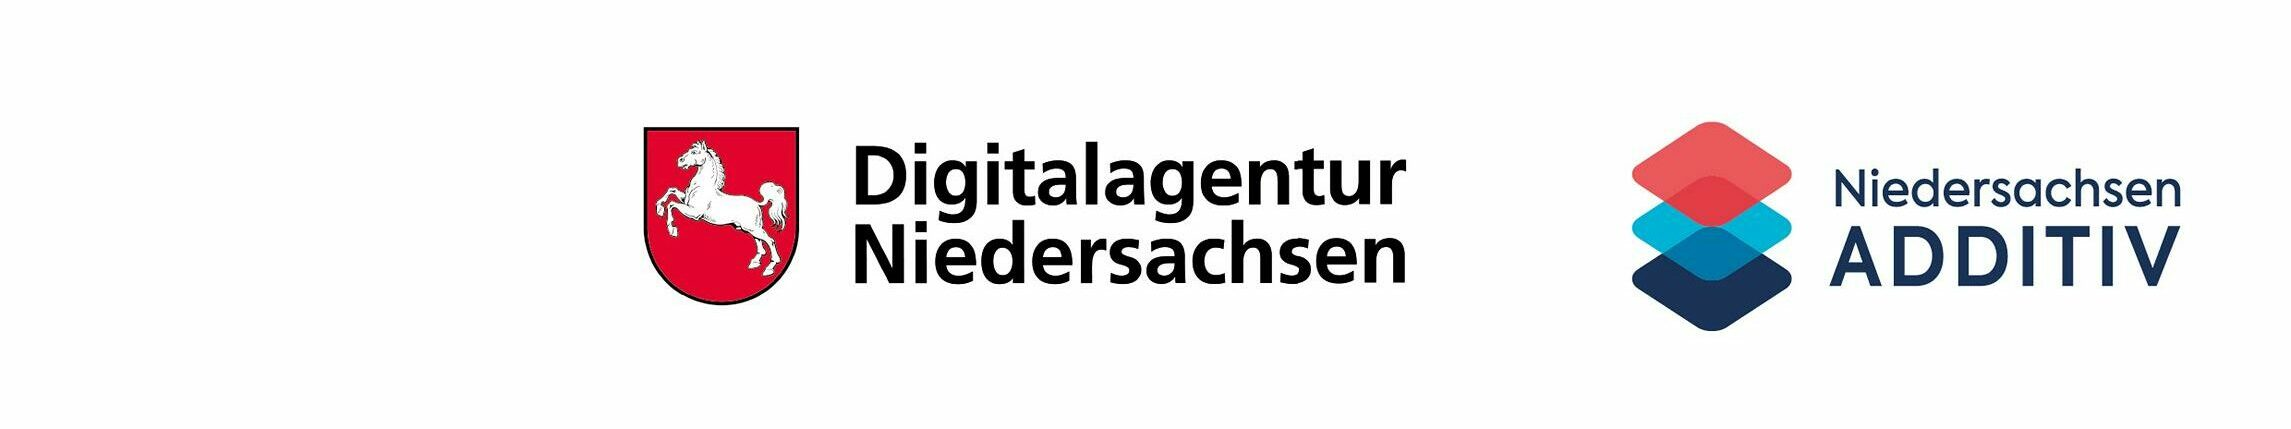 Logobanner mit den Logos von Digitalagentur Niedersachsen und Niedersachsen Additiv